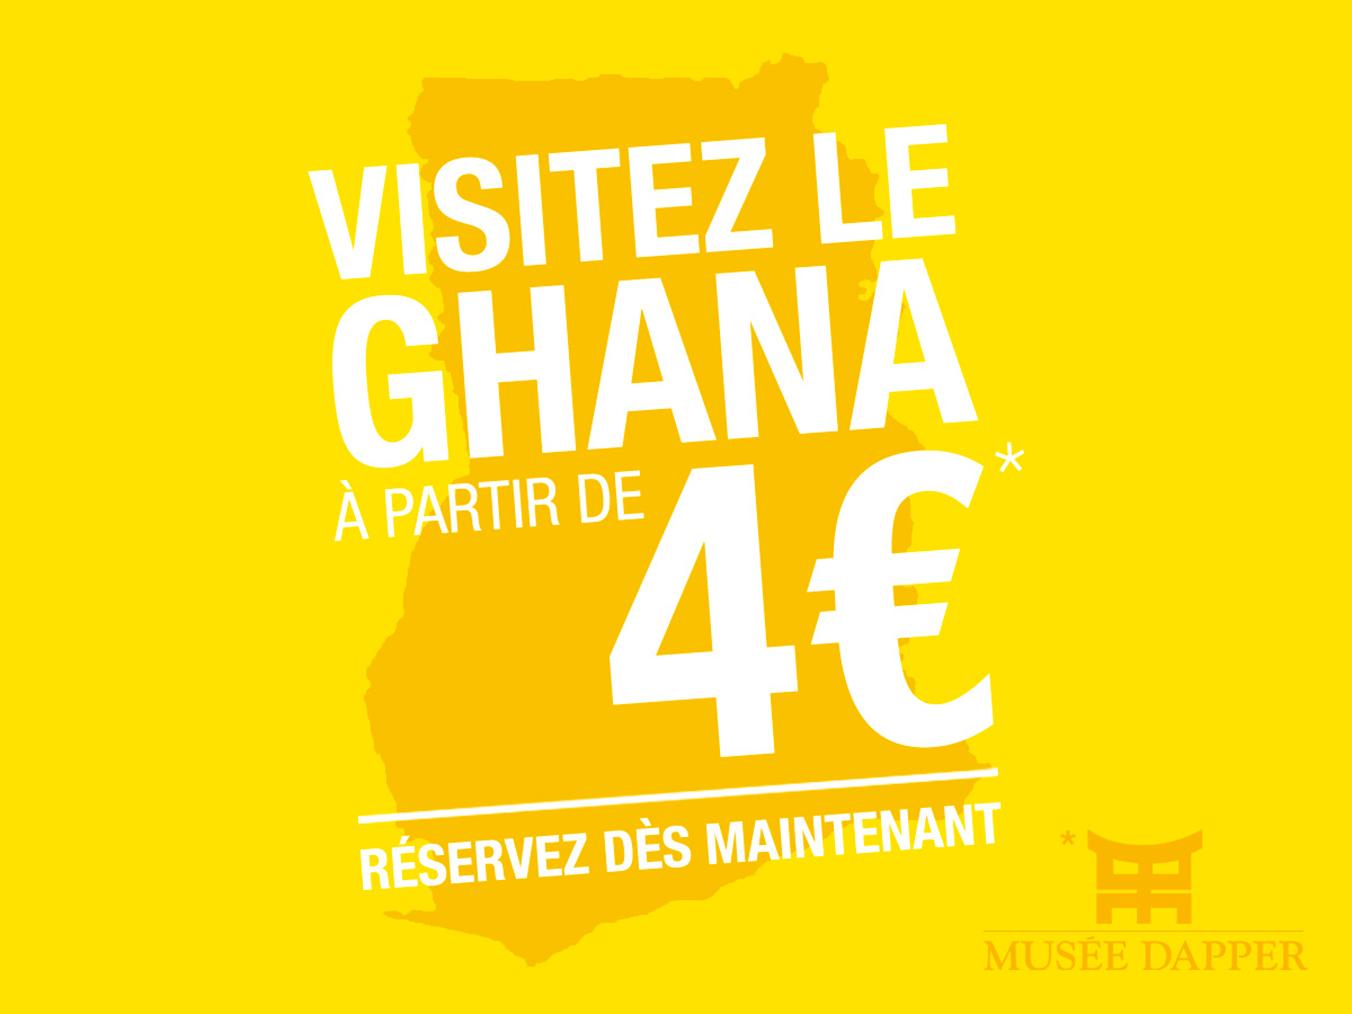 DAPPER-Ghana